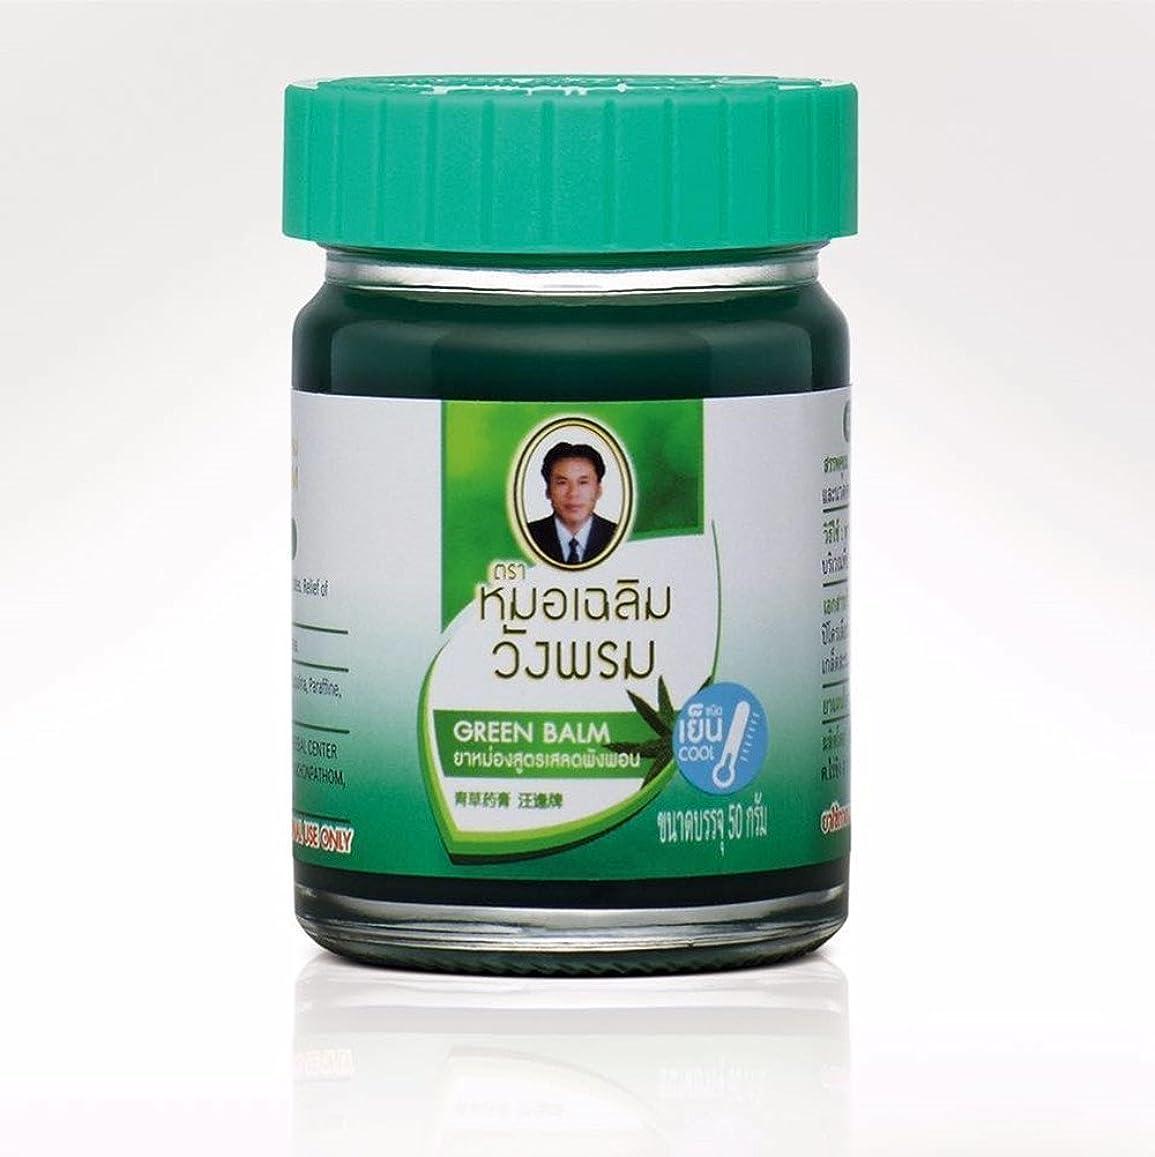 下位共感するクスコ50G.Wangphrom Thai Herbal Balm Massage Body Relief Muscle Pain,Thai Herb Green Balm (COOL) size 50 gram..(2 pc.)